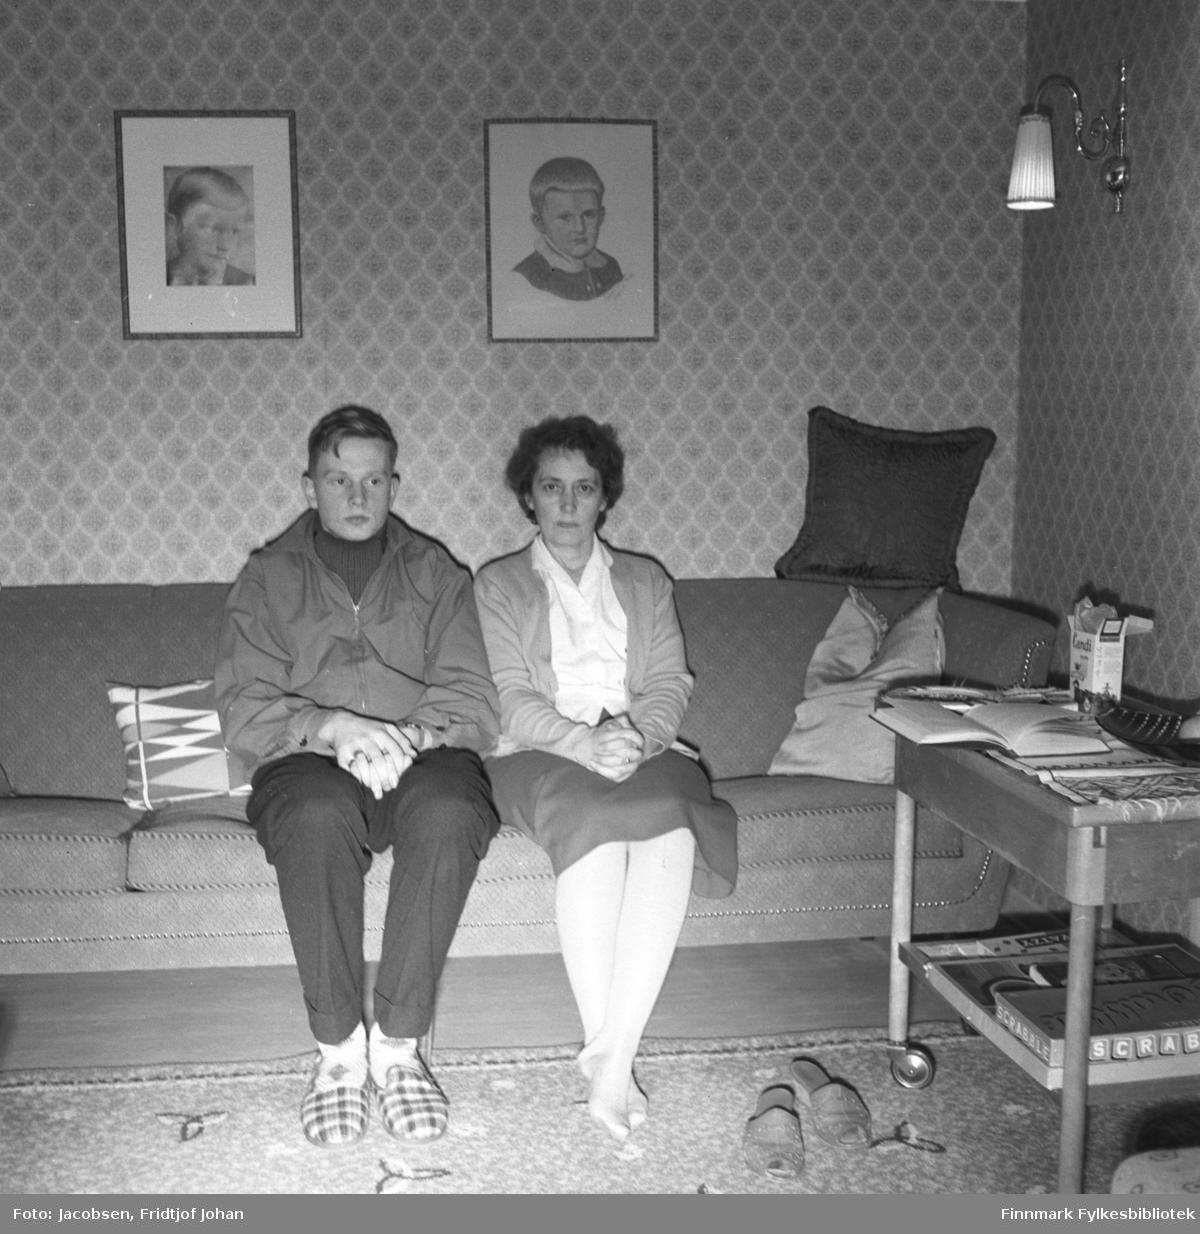 Arne Jacobsen og hans mor Aase poserer for fotografen i familiens hjem i Storvannsveien. Arne har mørk bukse, genser og litt lysere jakke på seg. På føttene har han rutete tøfler. Aase har et mørkt skjørt, lys bluse og en tynn jakke på seg. Sofaen de sitter i er forholdsvis mørk og flere sofaputer ligger i den. To bilder henger på veggen bak personene og en lampe henger til høyre på bildet. Et gulvteppe ligger på gulvet foran dem til høyre står  et bord med noen spill og andre ting oppå. Tapetet er mønstret.